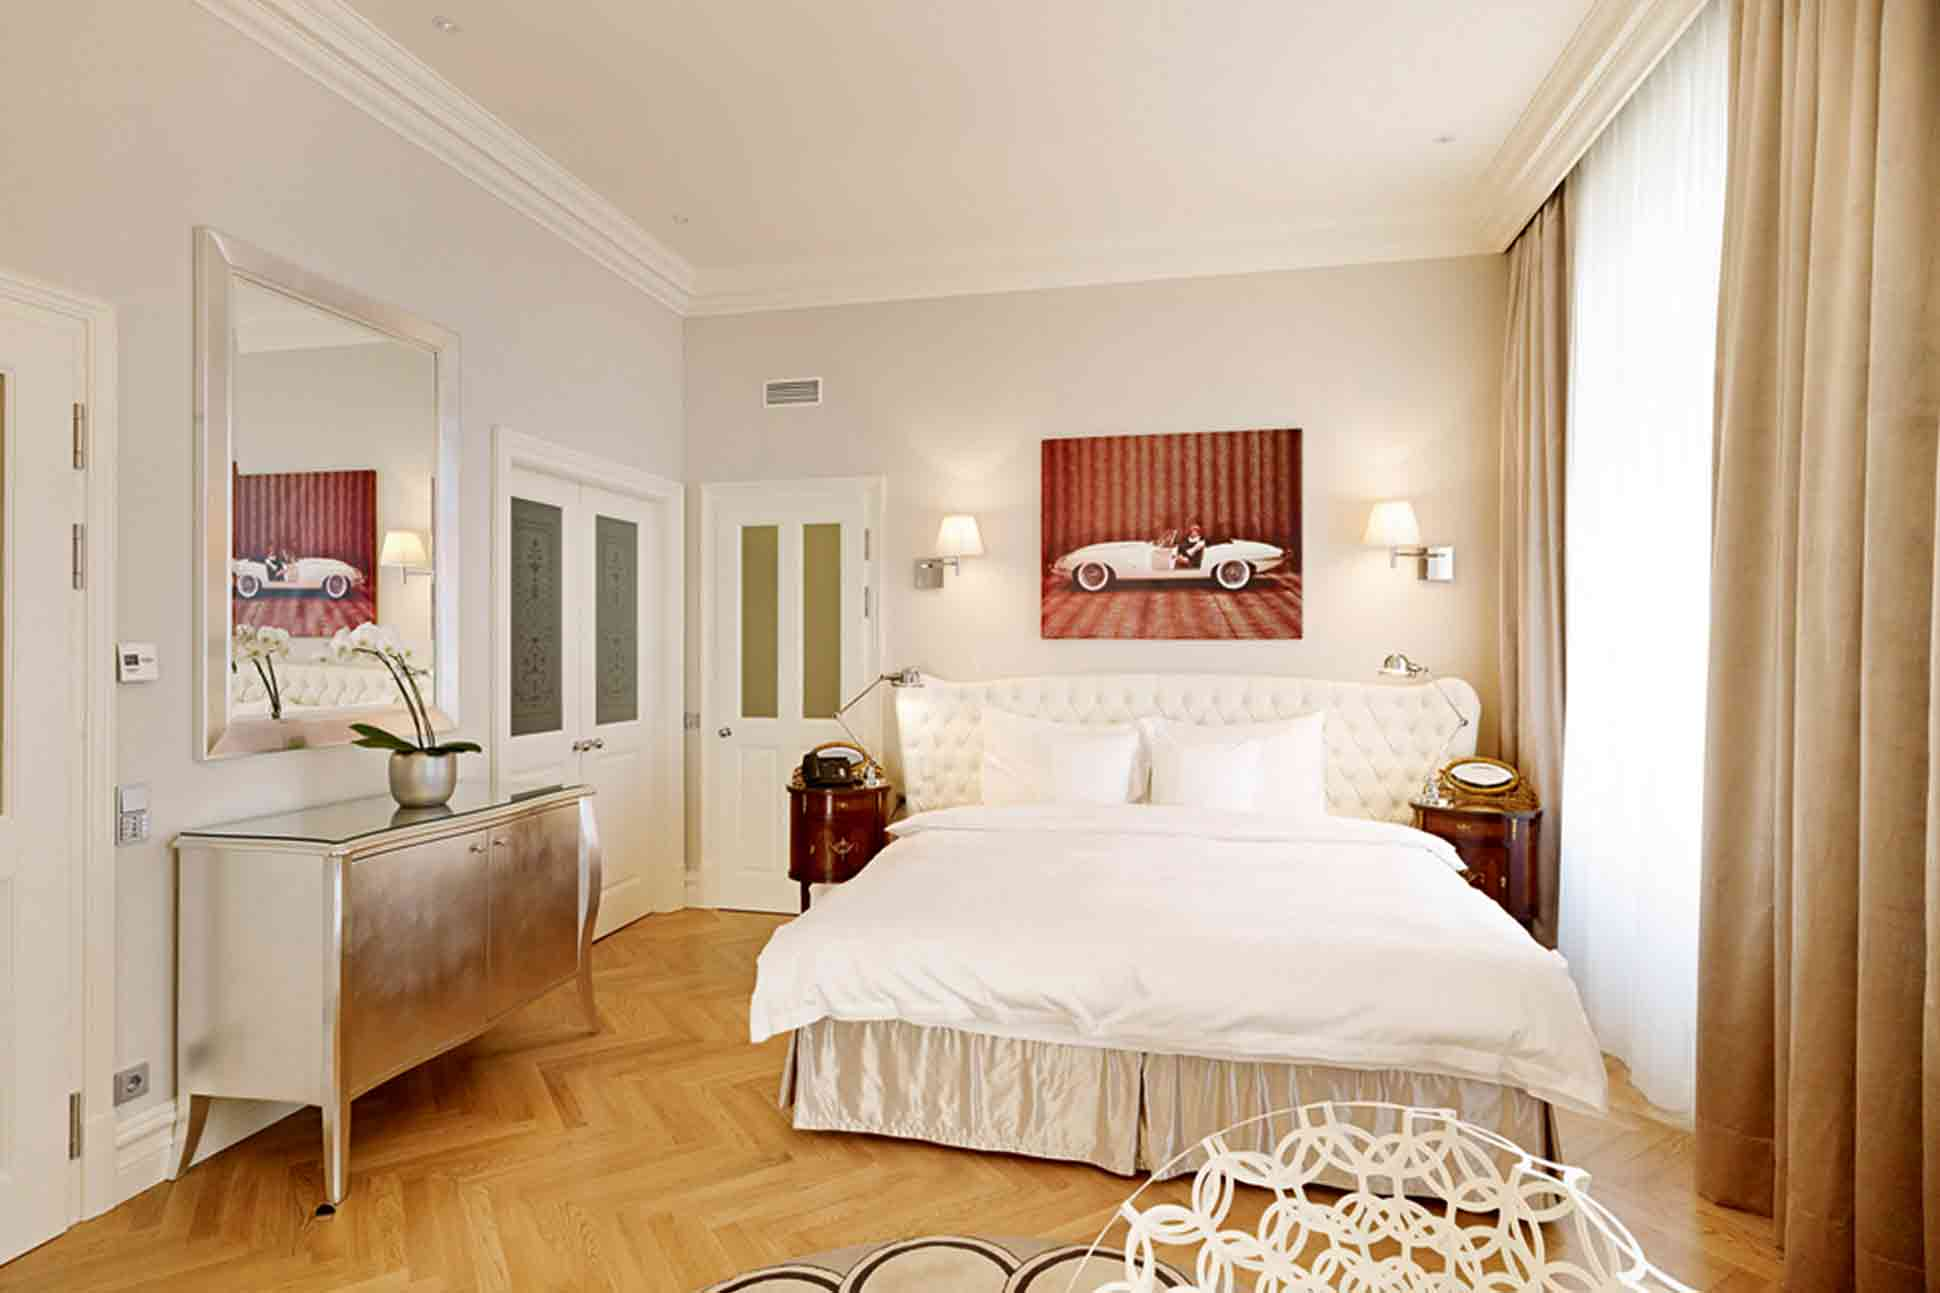 Bedroom of the Jaguar Suite at Hotel Sans Souci